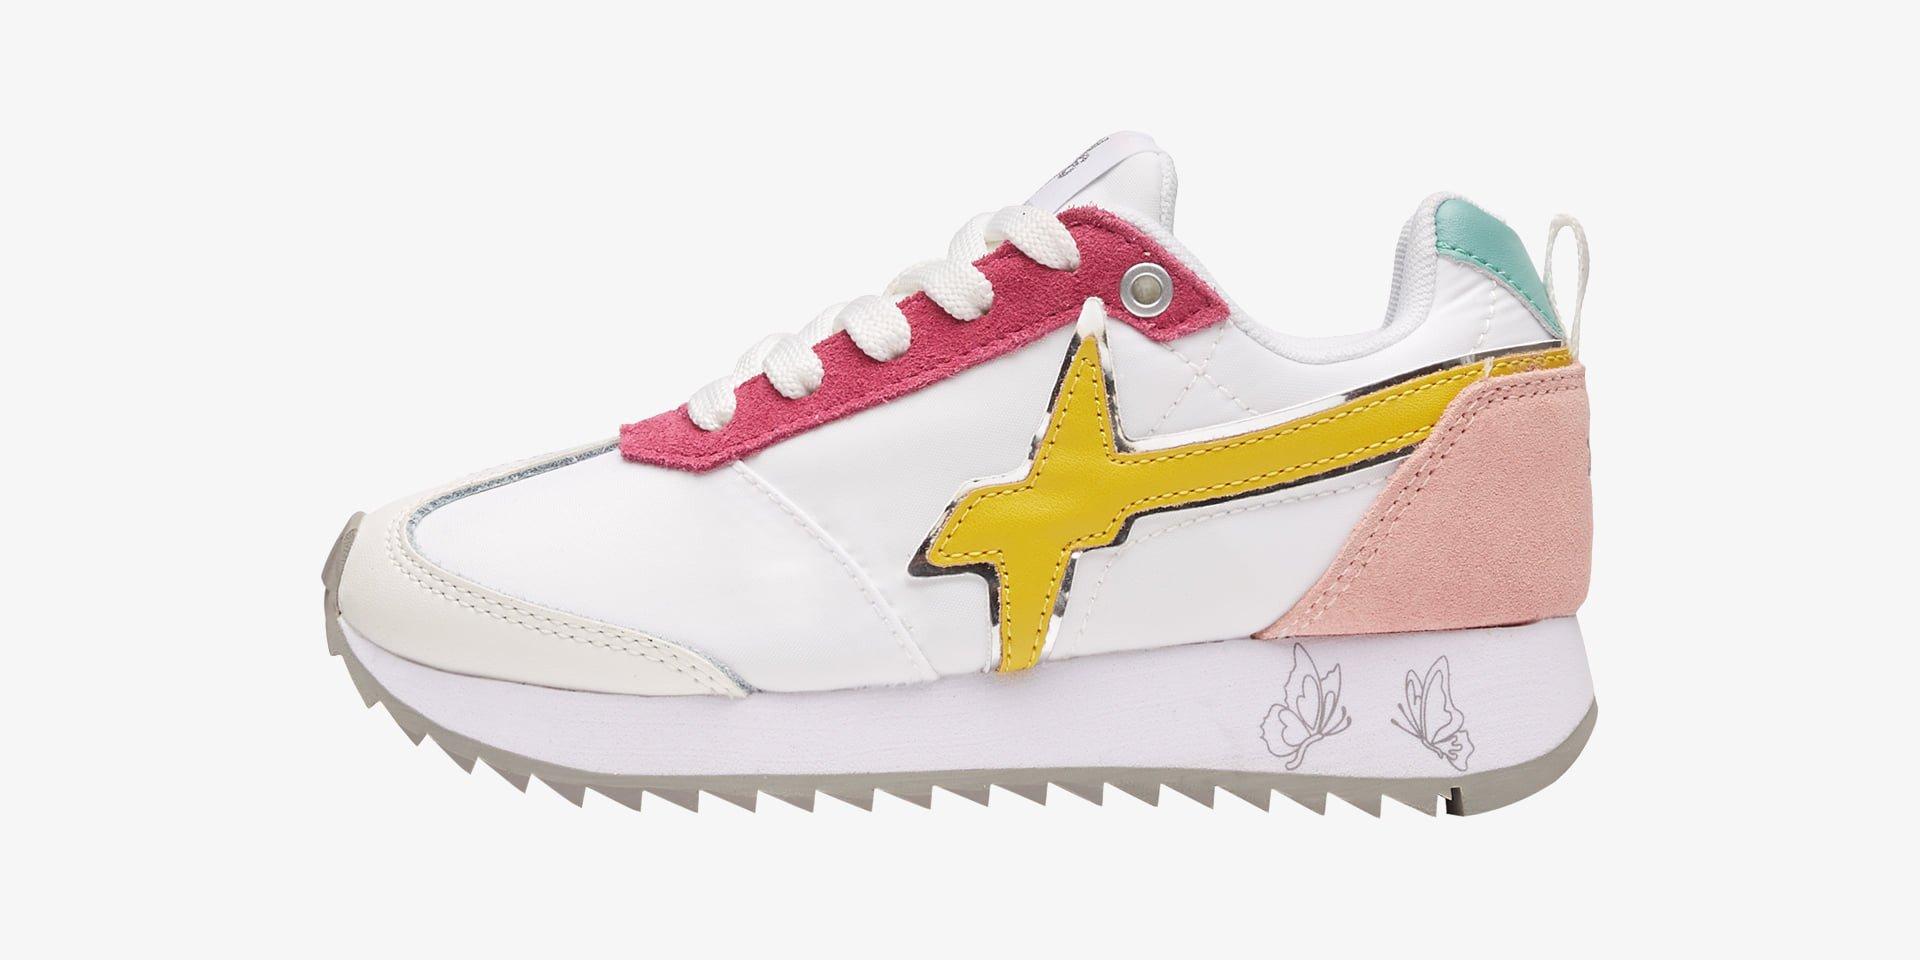 KIS J. - Sneaker in tessuto e pelle - Bianco-Giallo-Fuxia